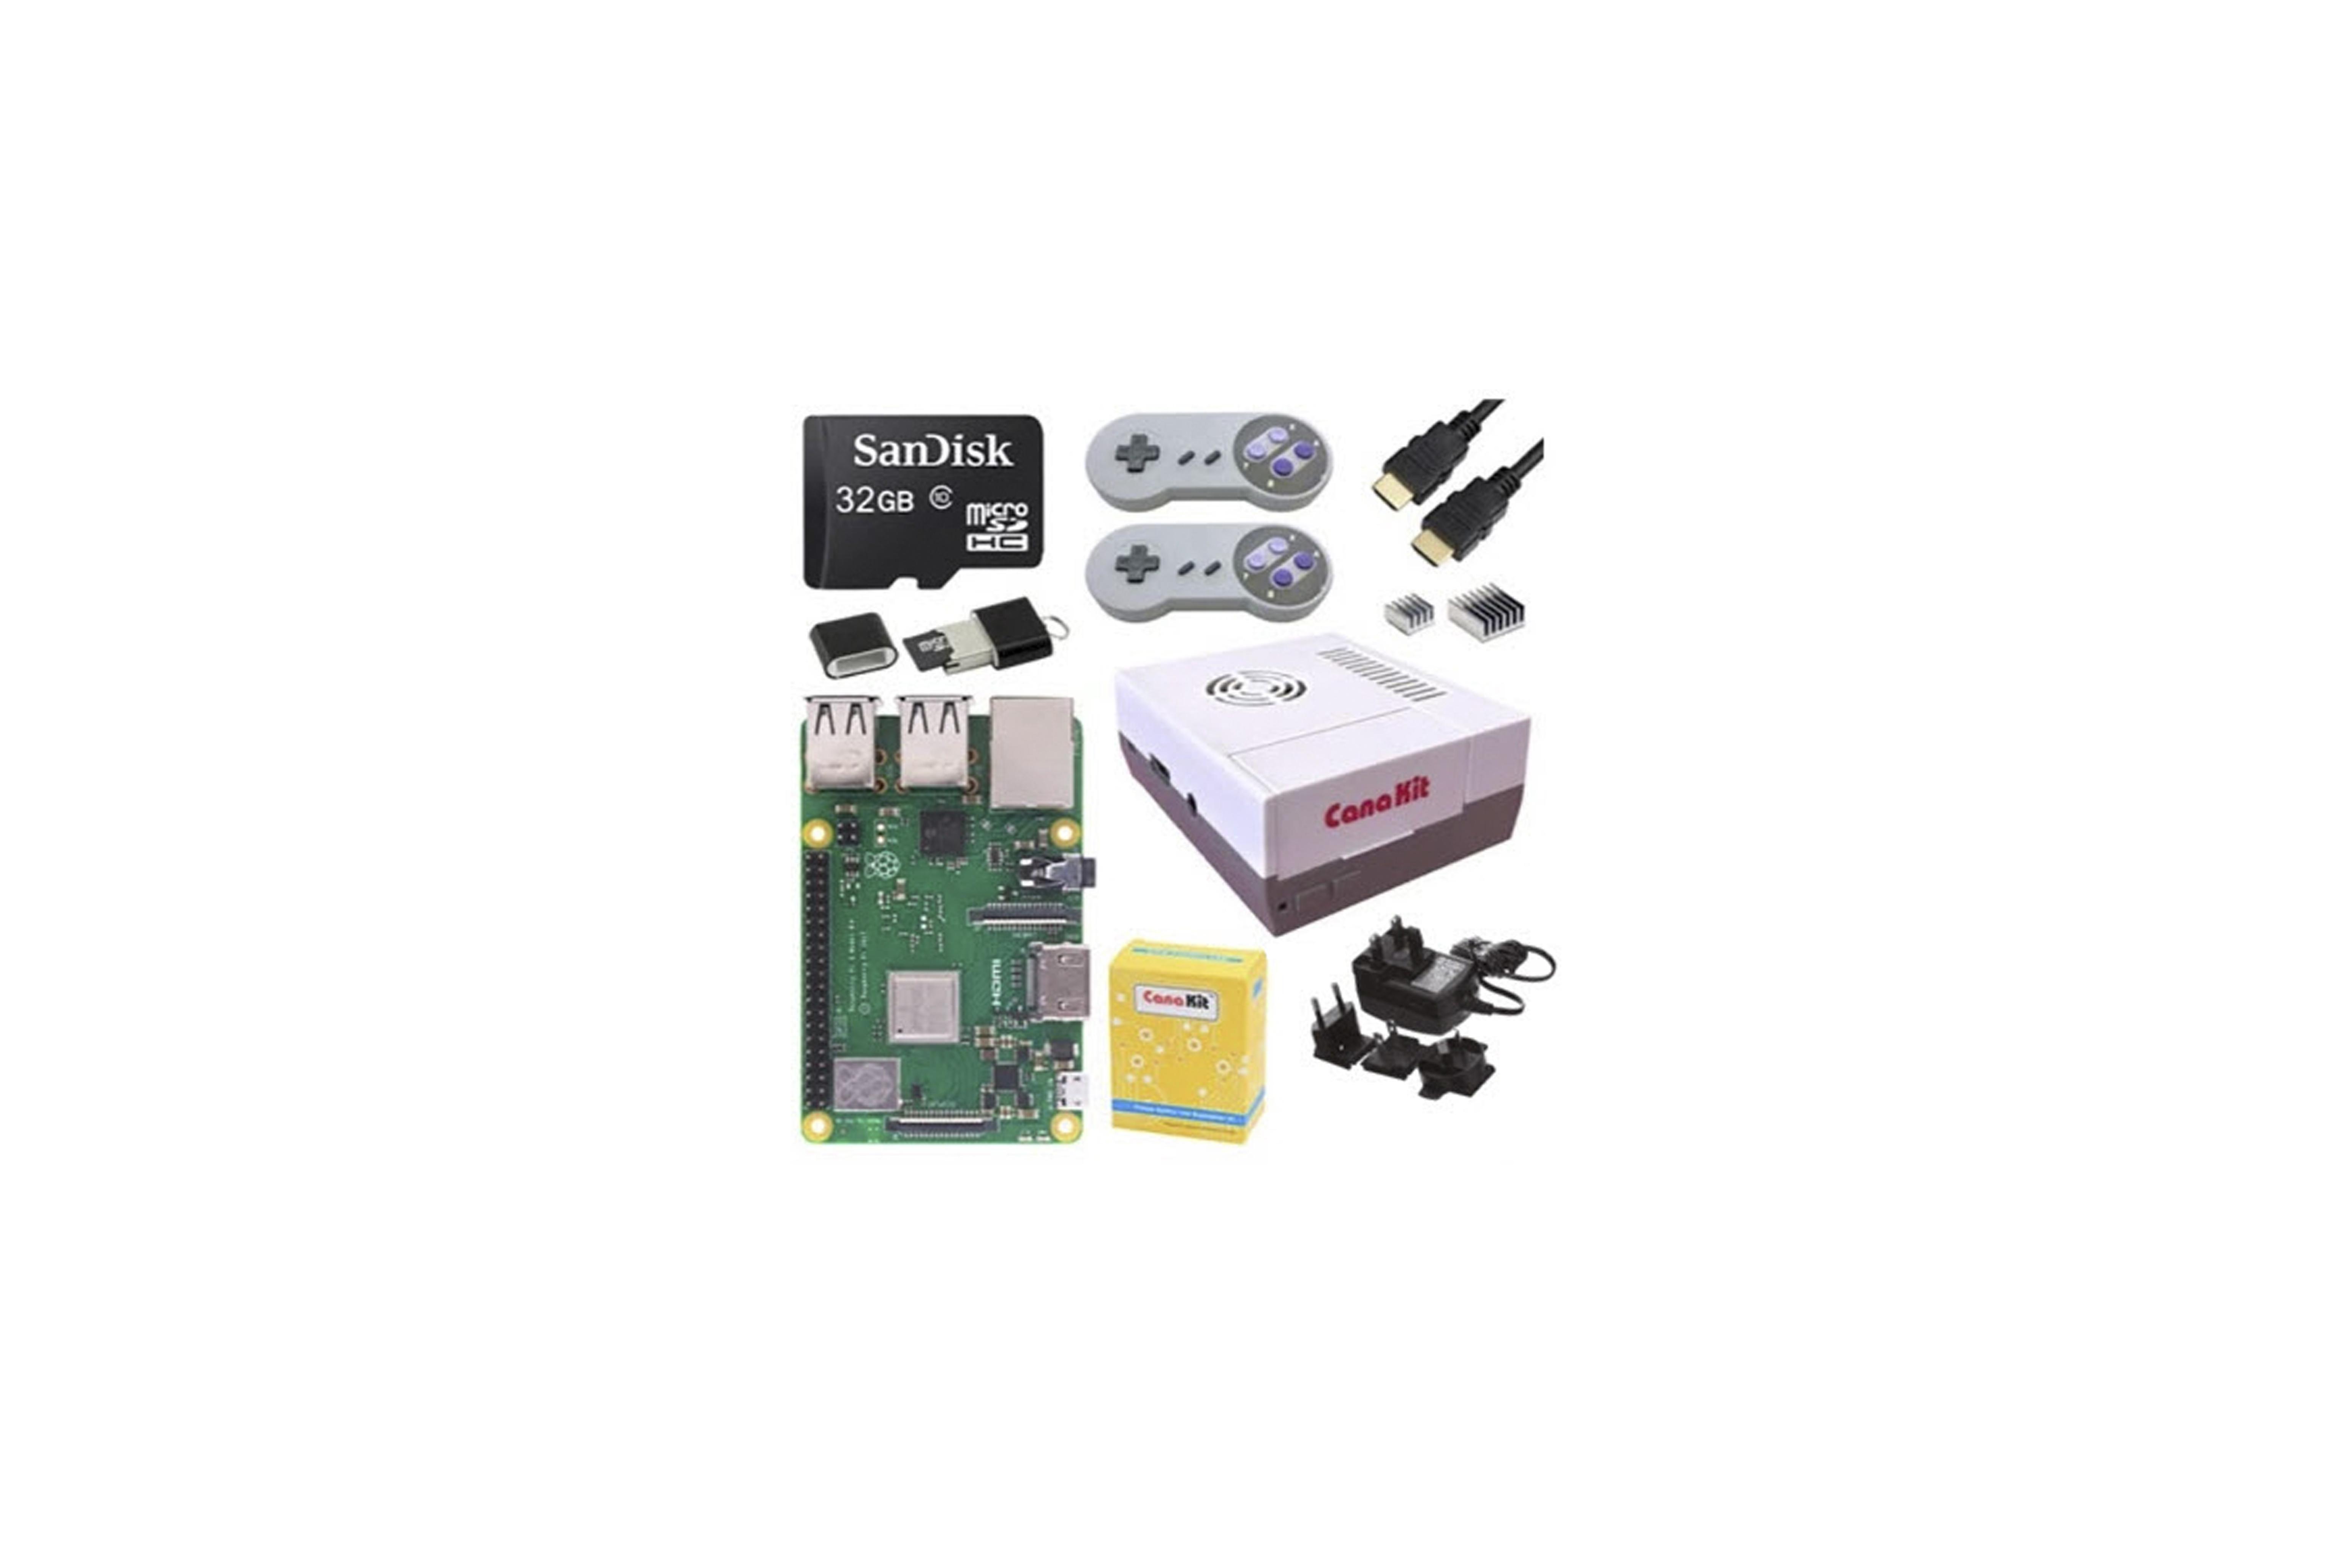 RPI 3 B+ RETRO GAMING KIT - 32 GB